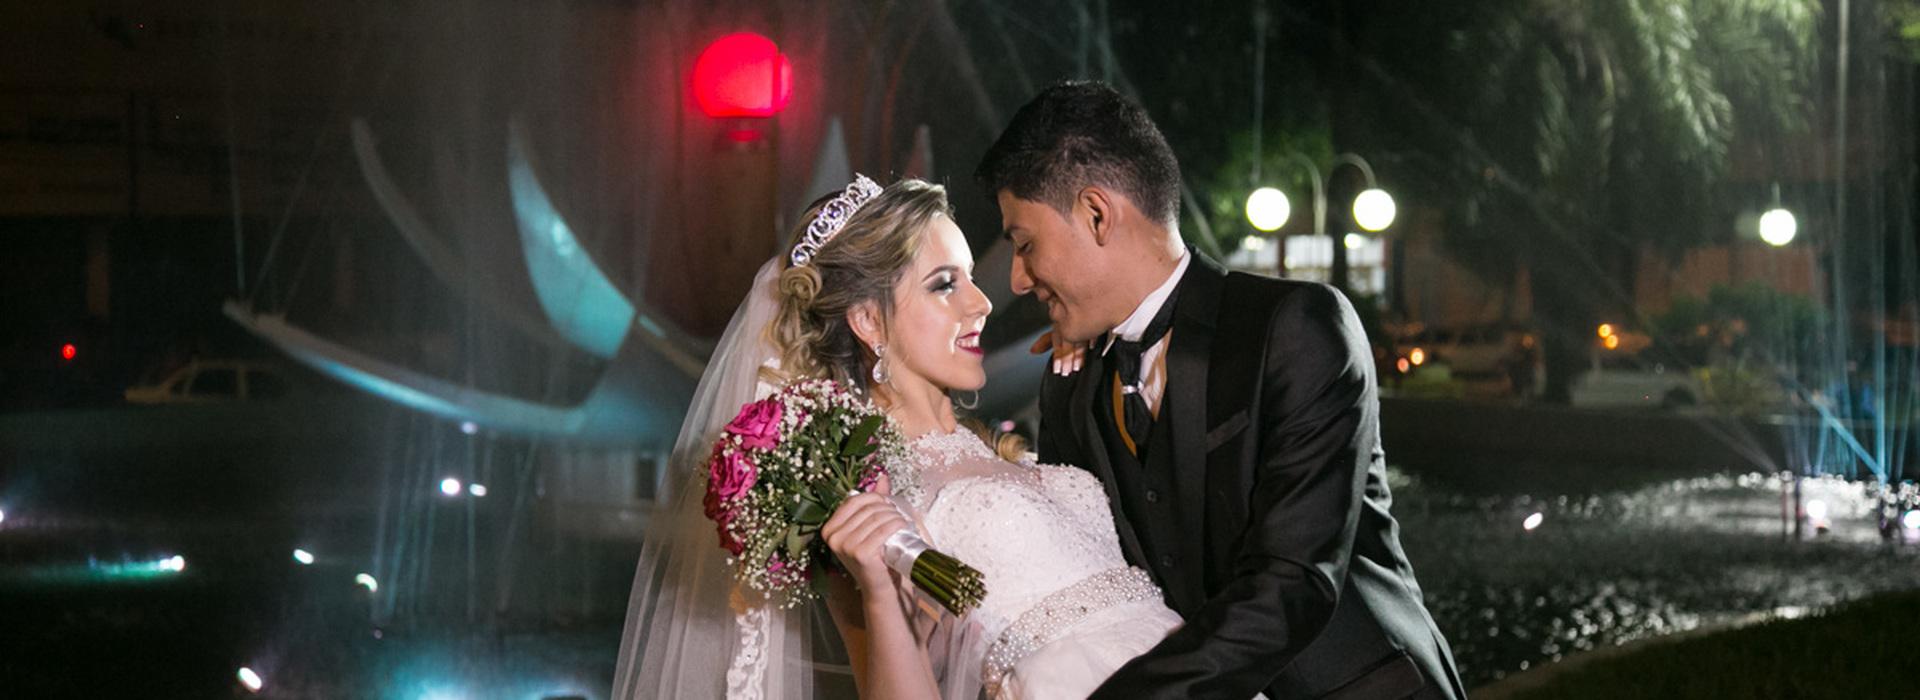 Casamento de Tainê e Felipe em Santo Anastácio / SP